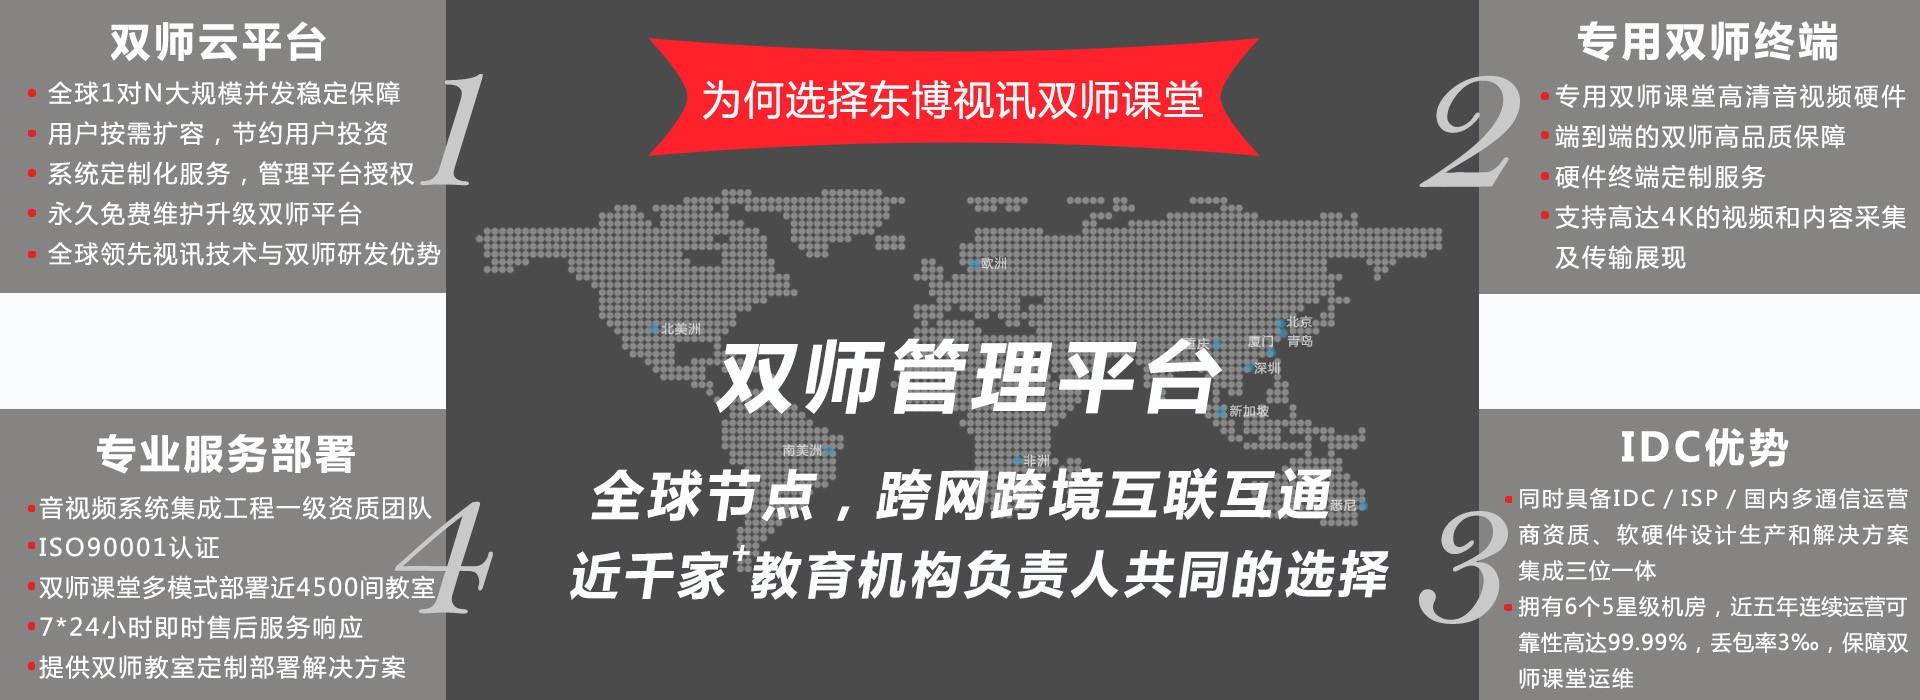 双师课堂核心技术优势.jpg